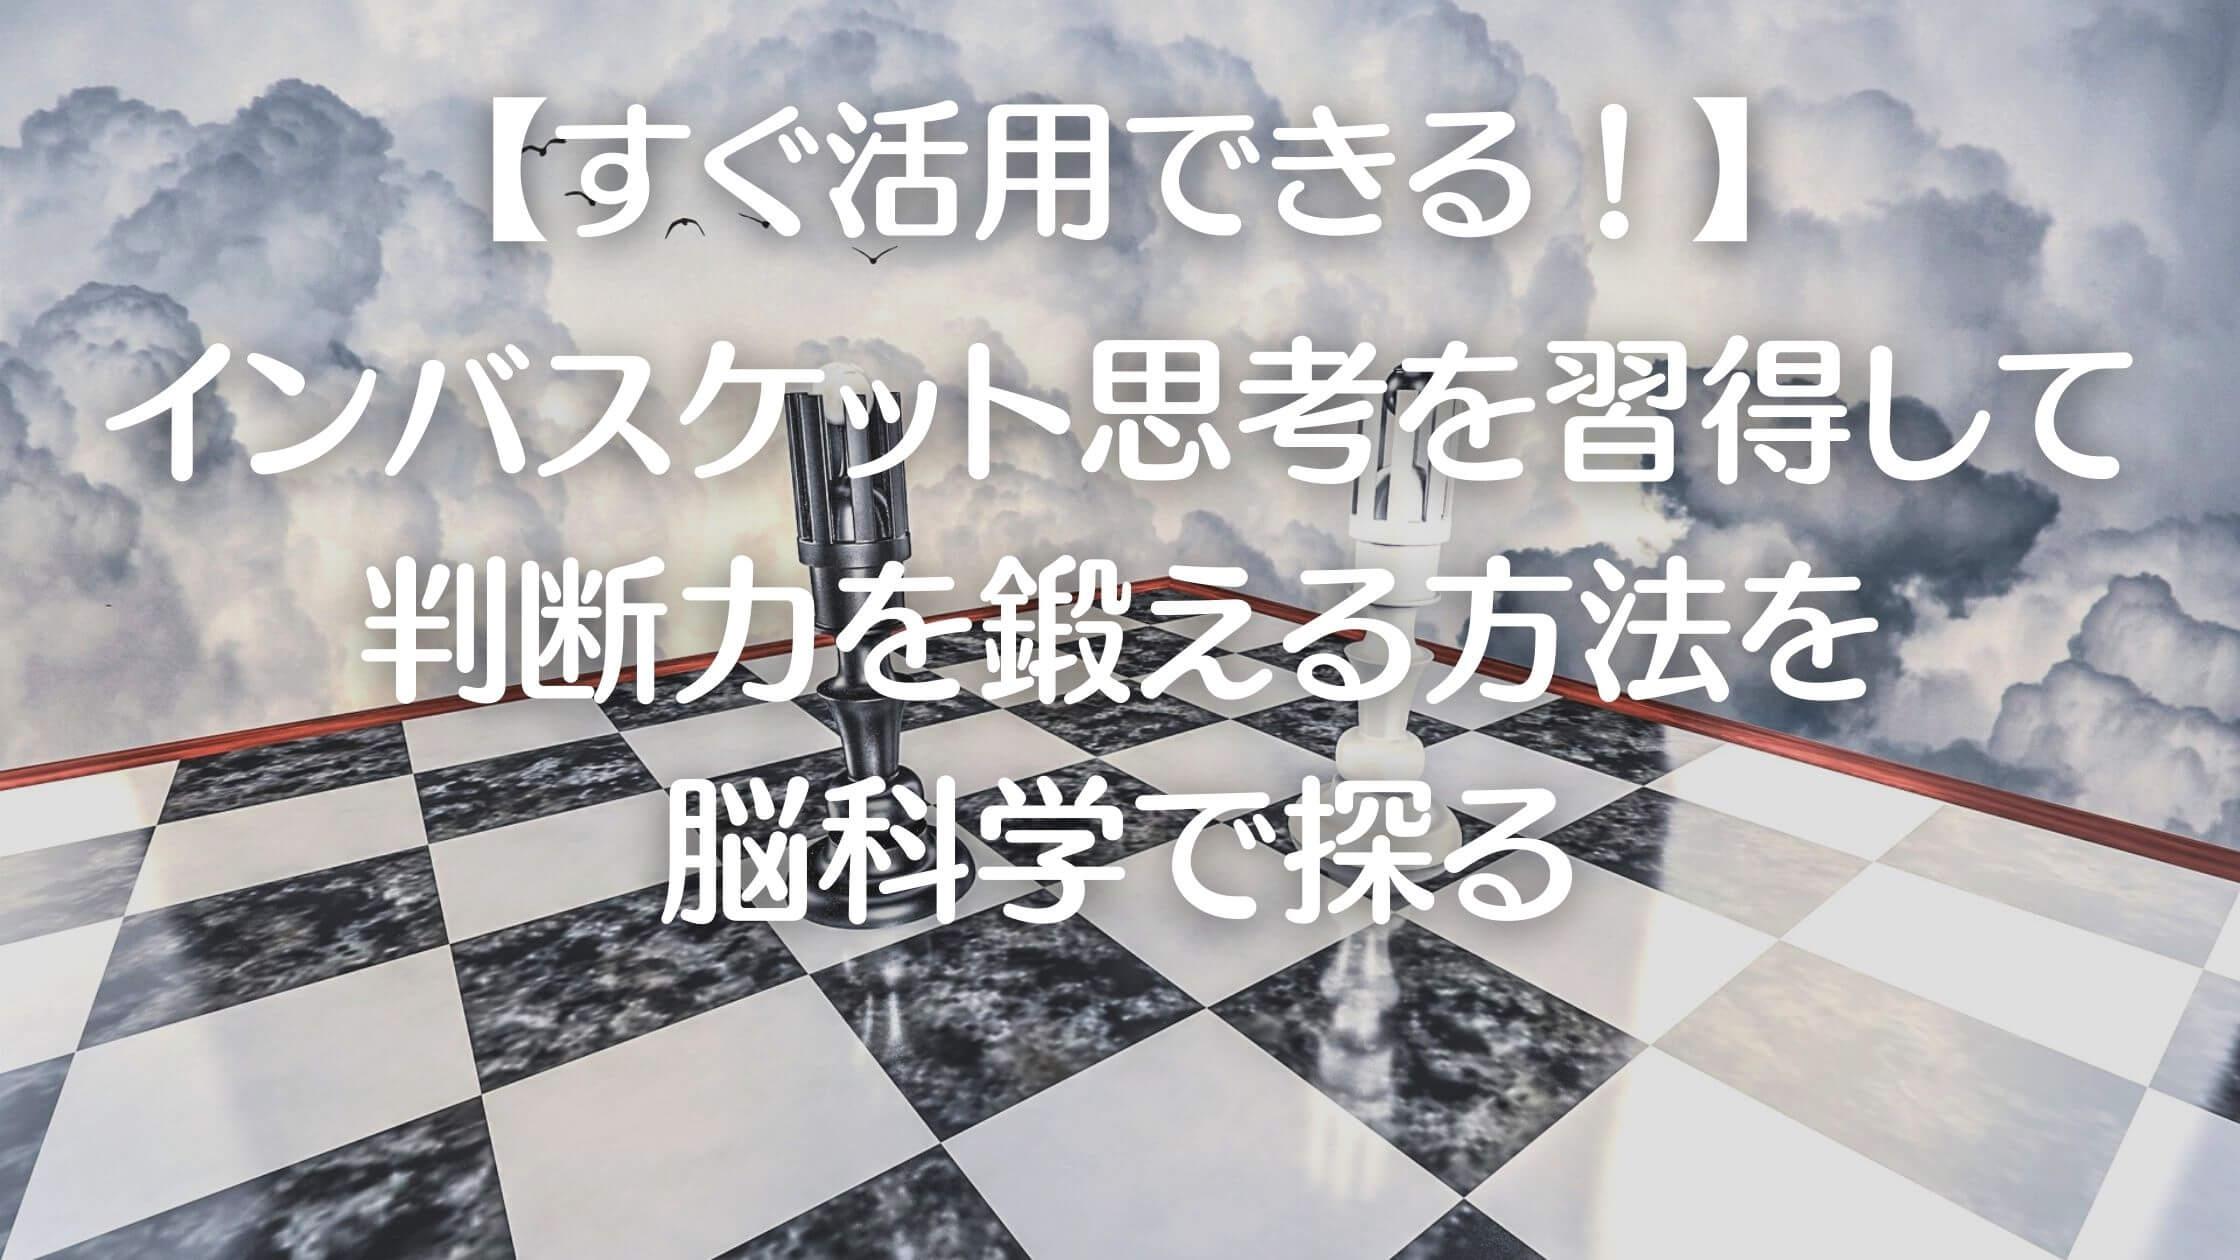 判断力-A1